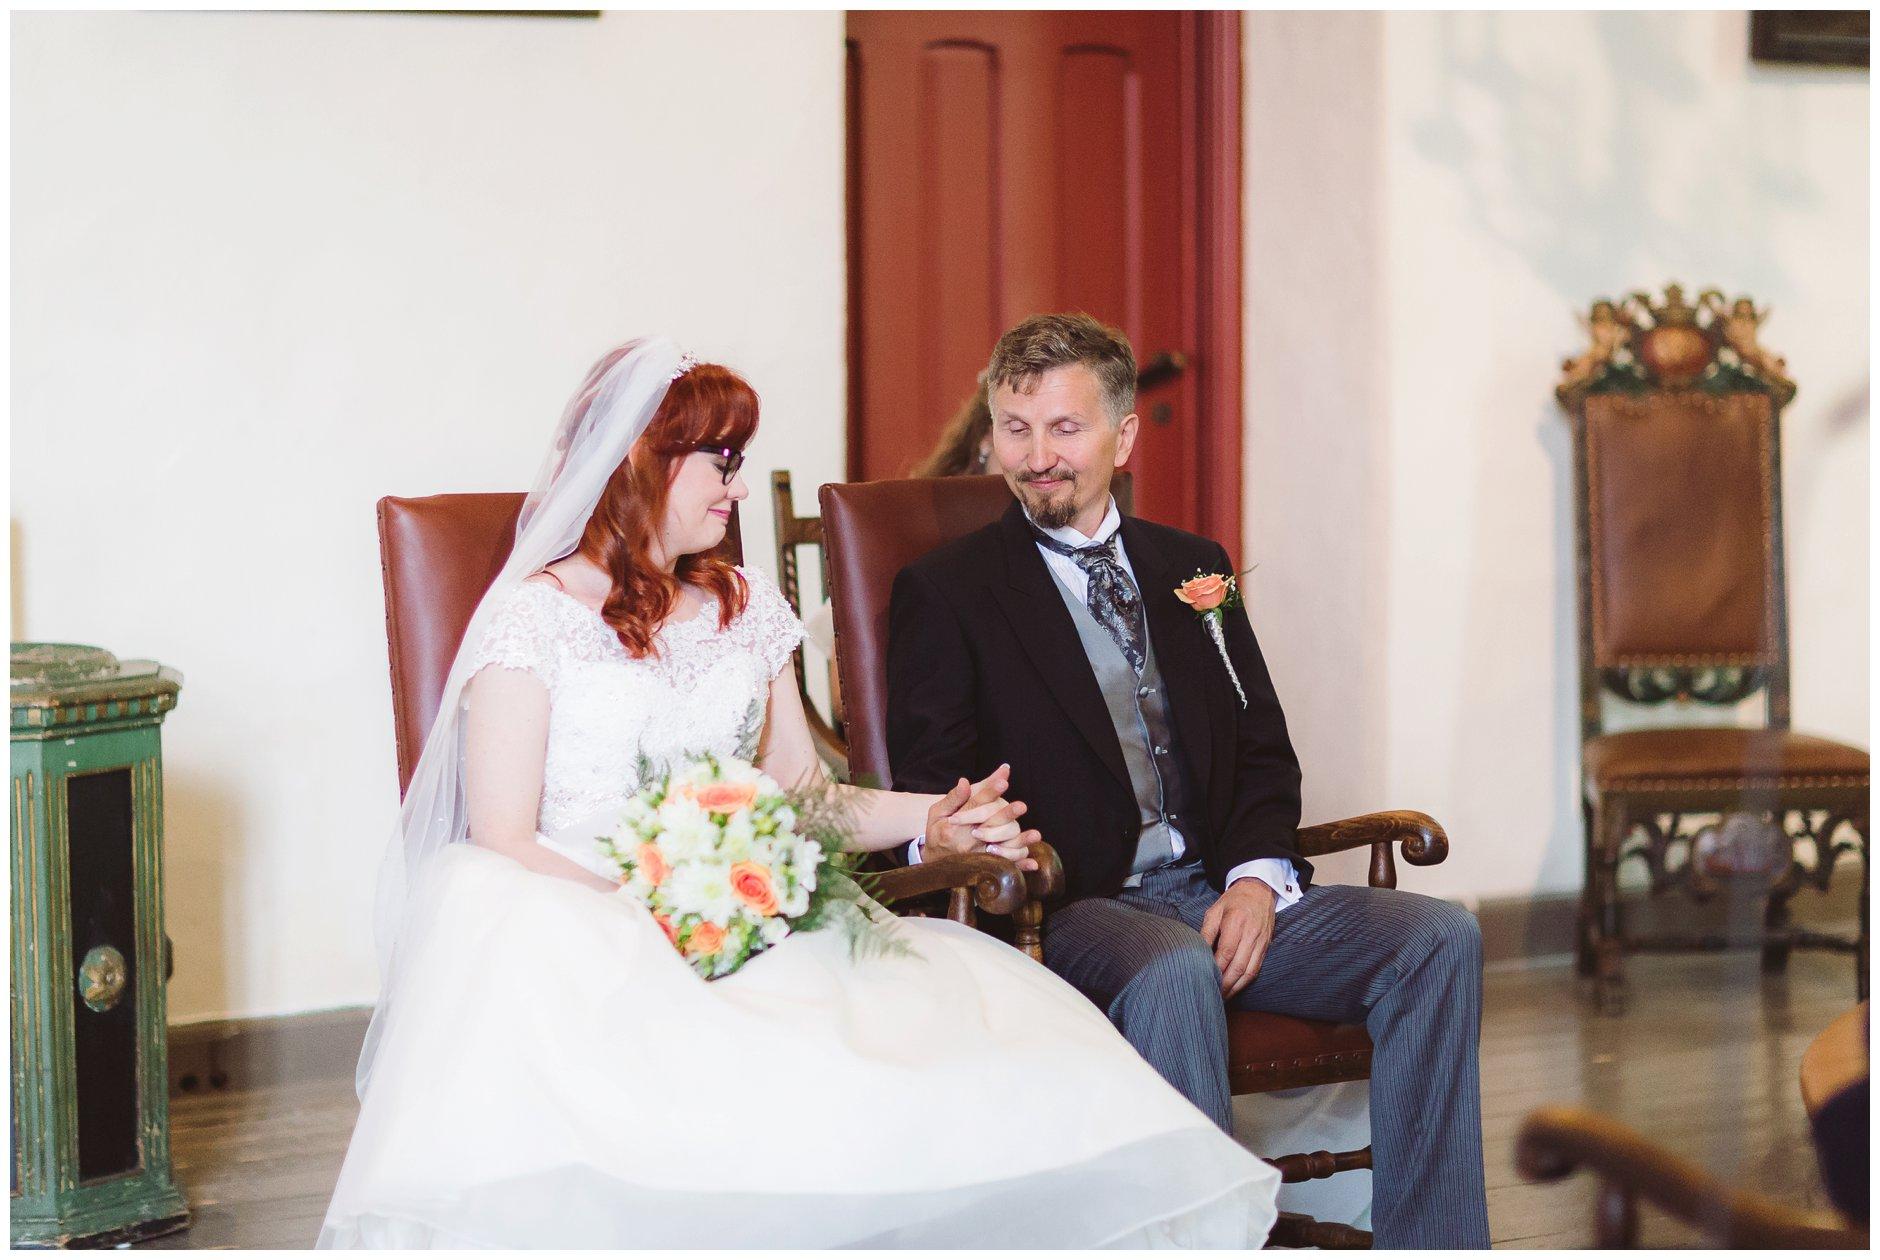 Fotograf-Eline-Jacobine-Bryllup-Tjøme-Scandic-Havna-Trine-og-Halvor_0055